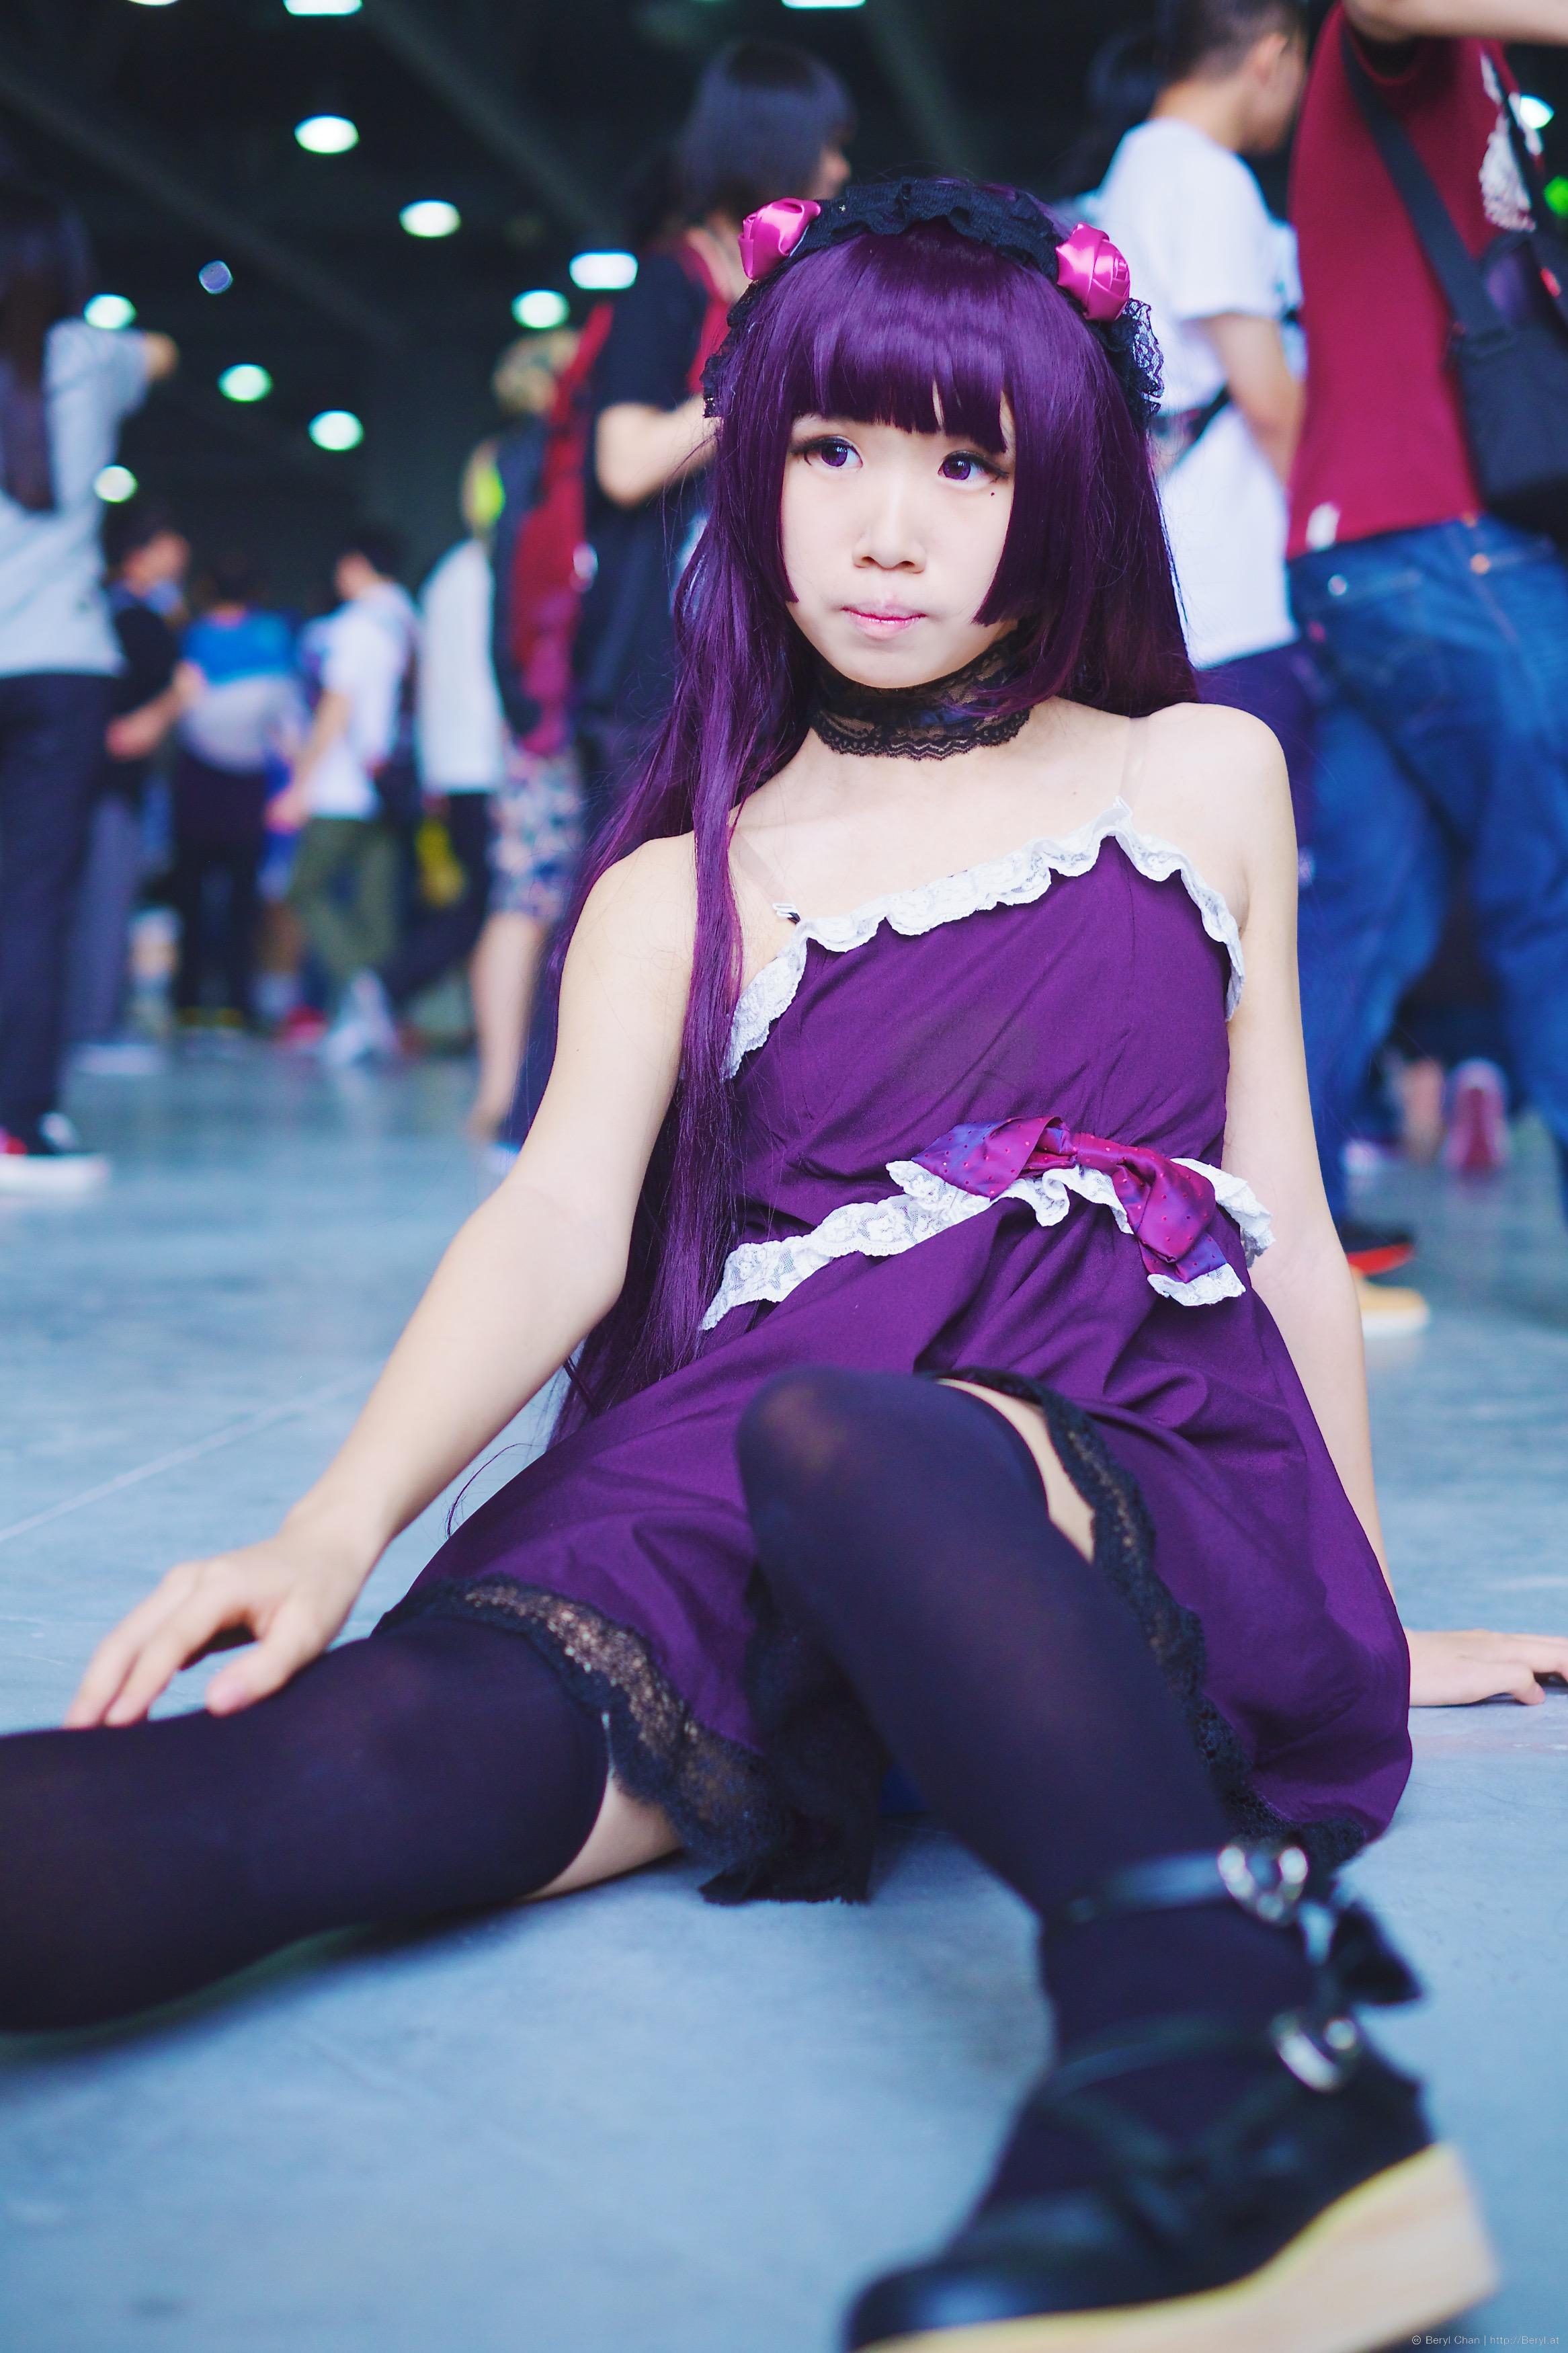 Free Images : cold, bokeh, blur, girl, cute, fujifilm ...